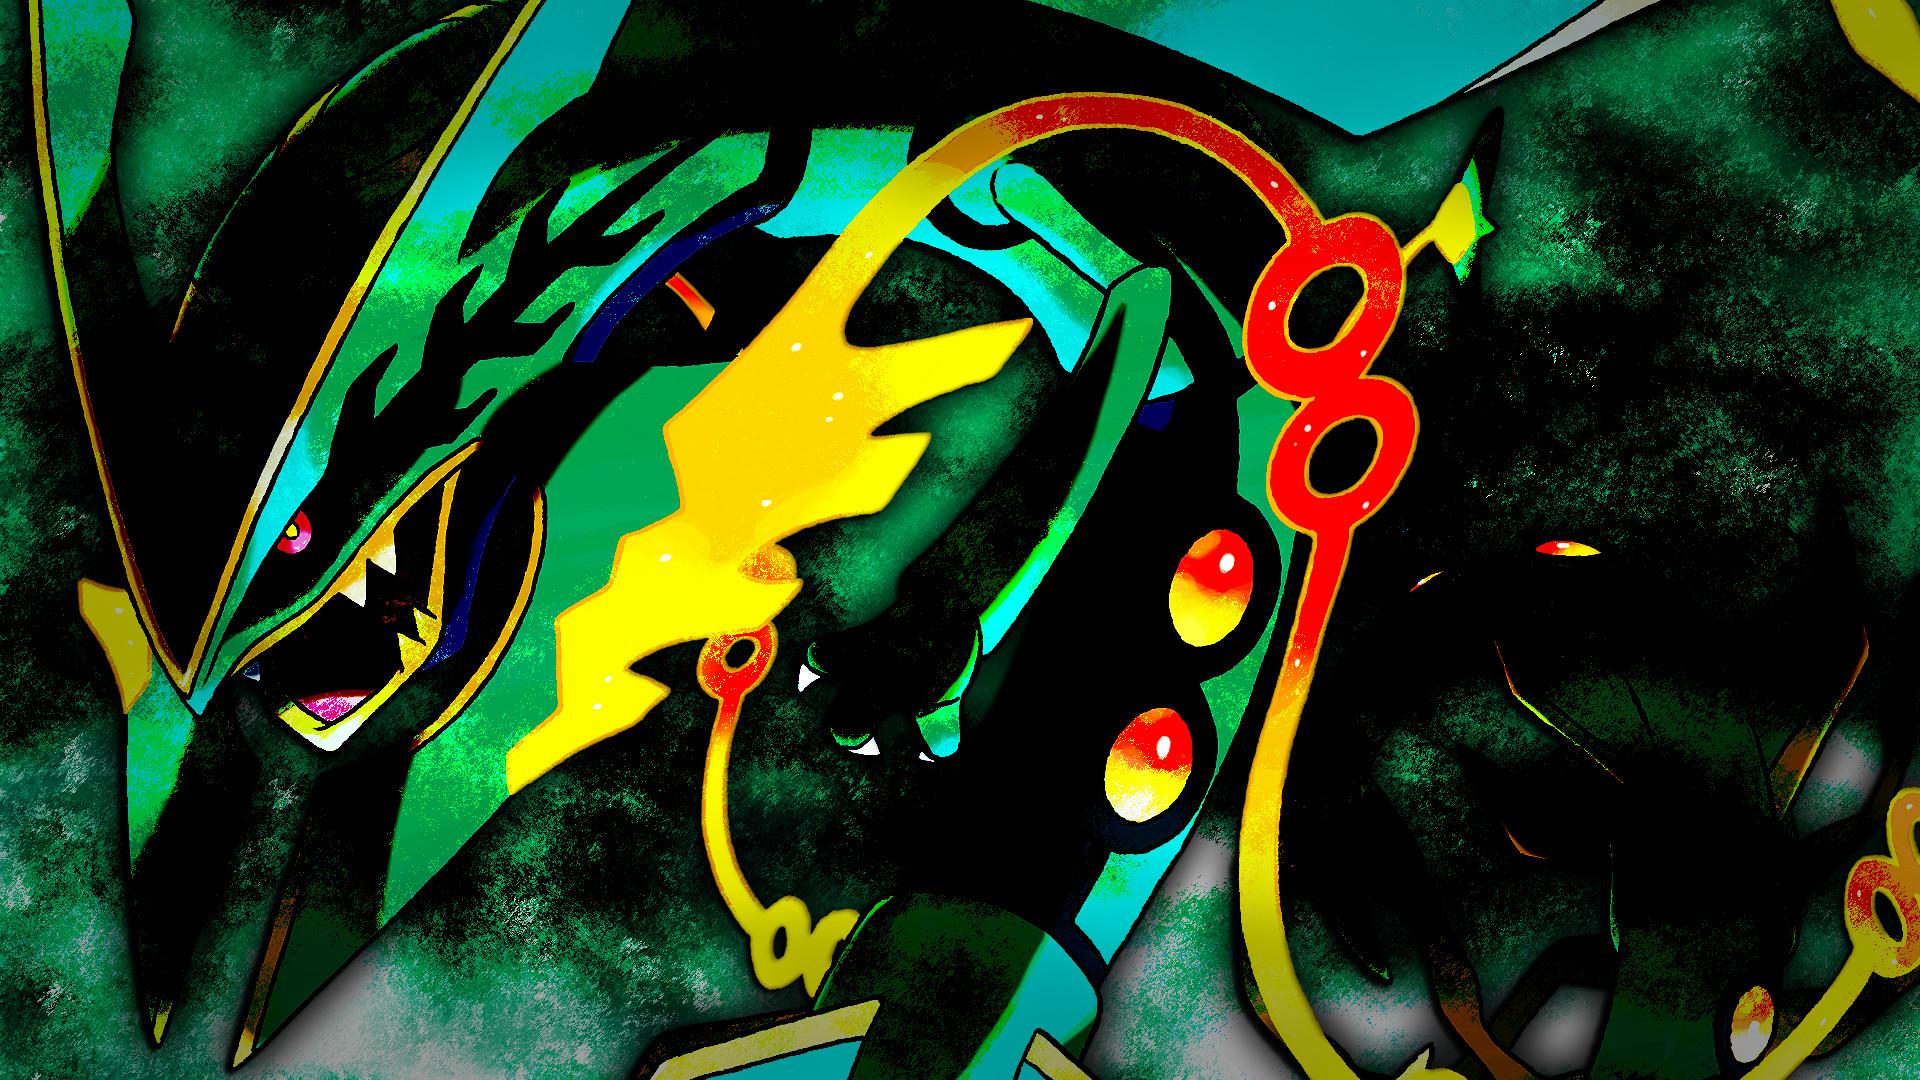 Res: 1920x1080, Shiny Mega Rayquaza Wallpaper - WallpaperSafari